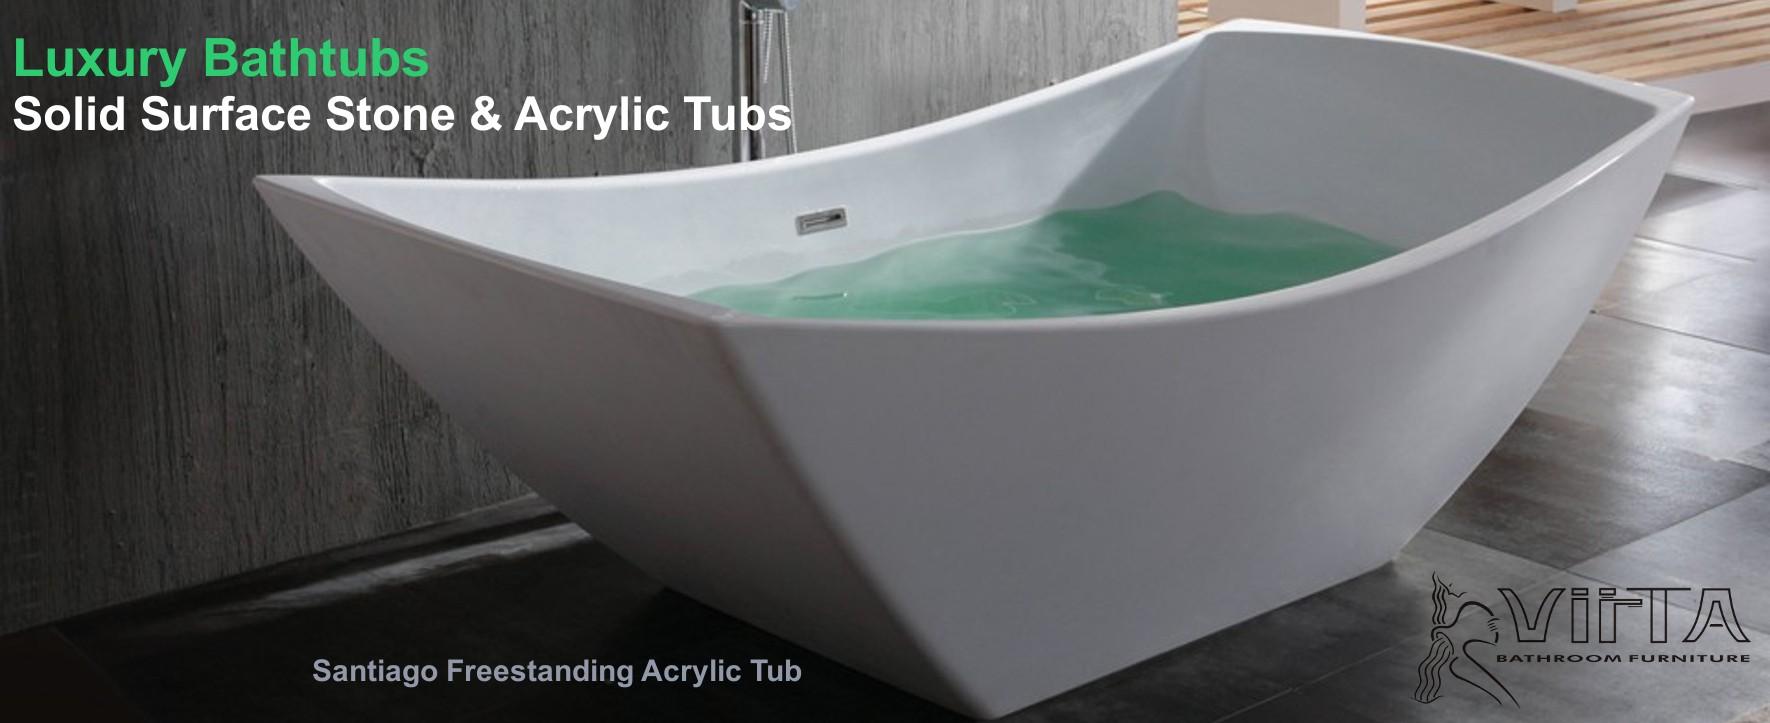 Virta Luxury Bathtubs